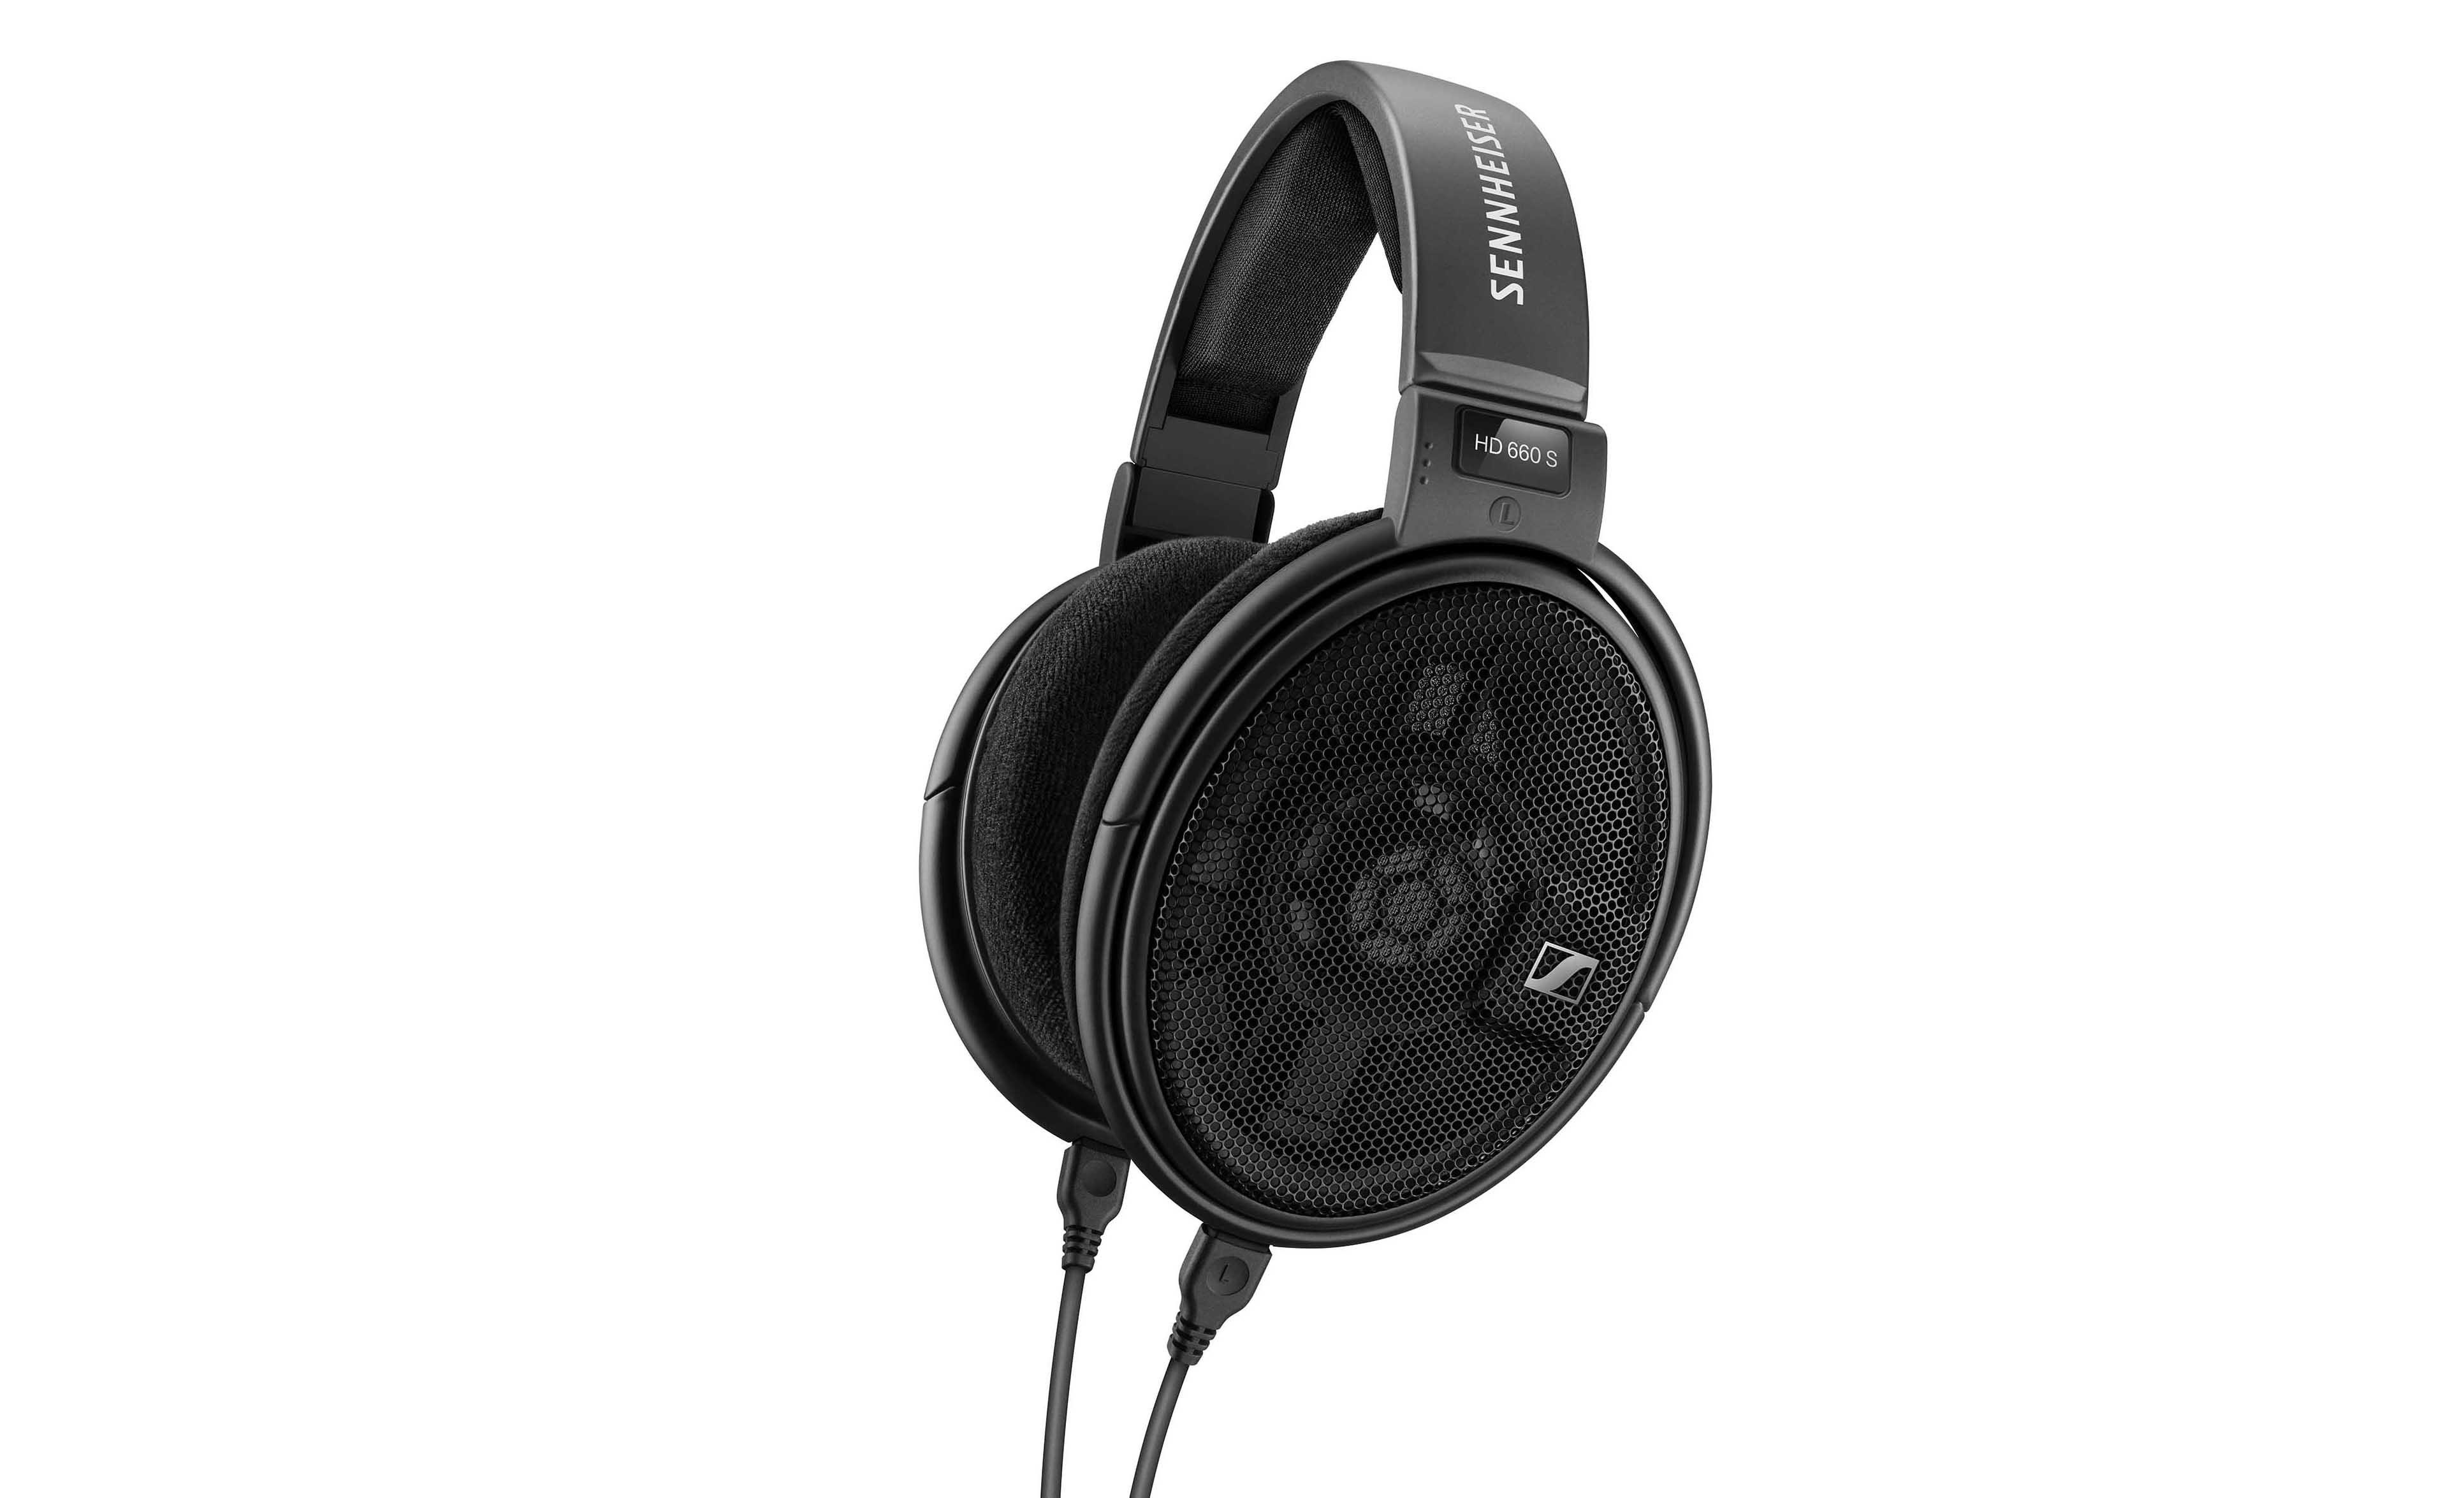 SENNHEISER HD 660 S 高級耳筒  全新傳感器 + 150 歐姆高保真效果